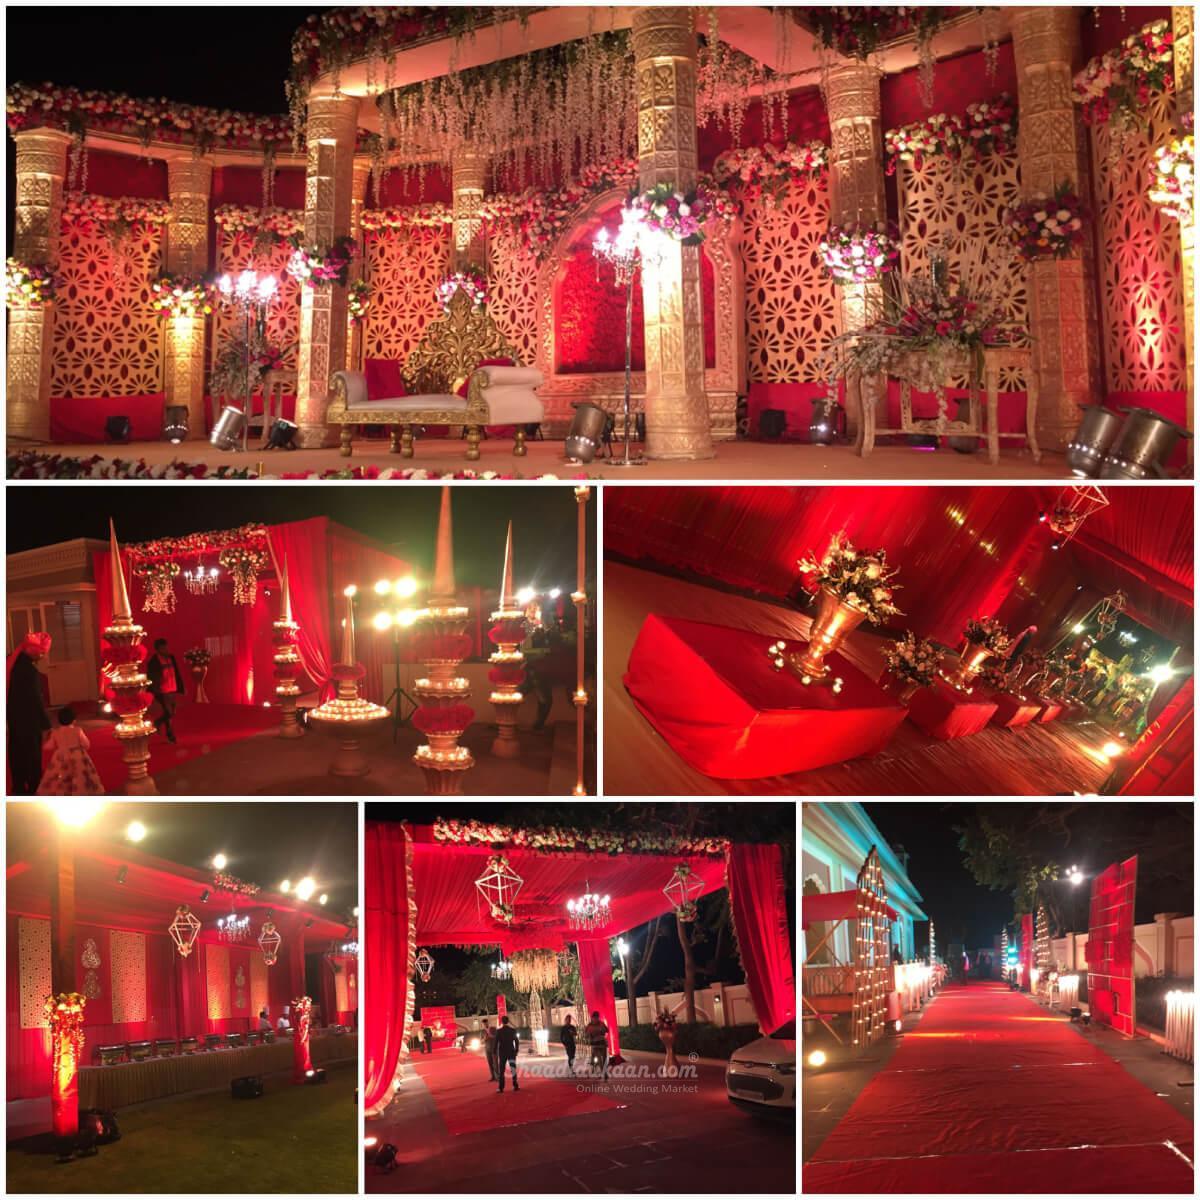 Gala Events & Studios